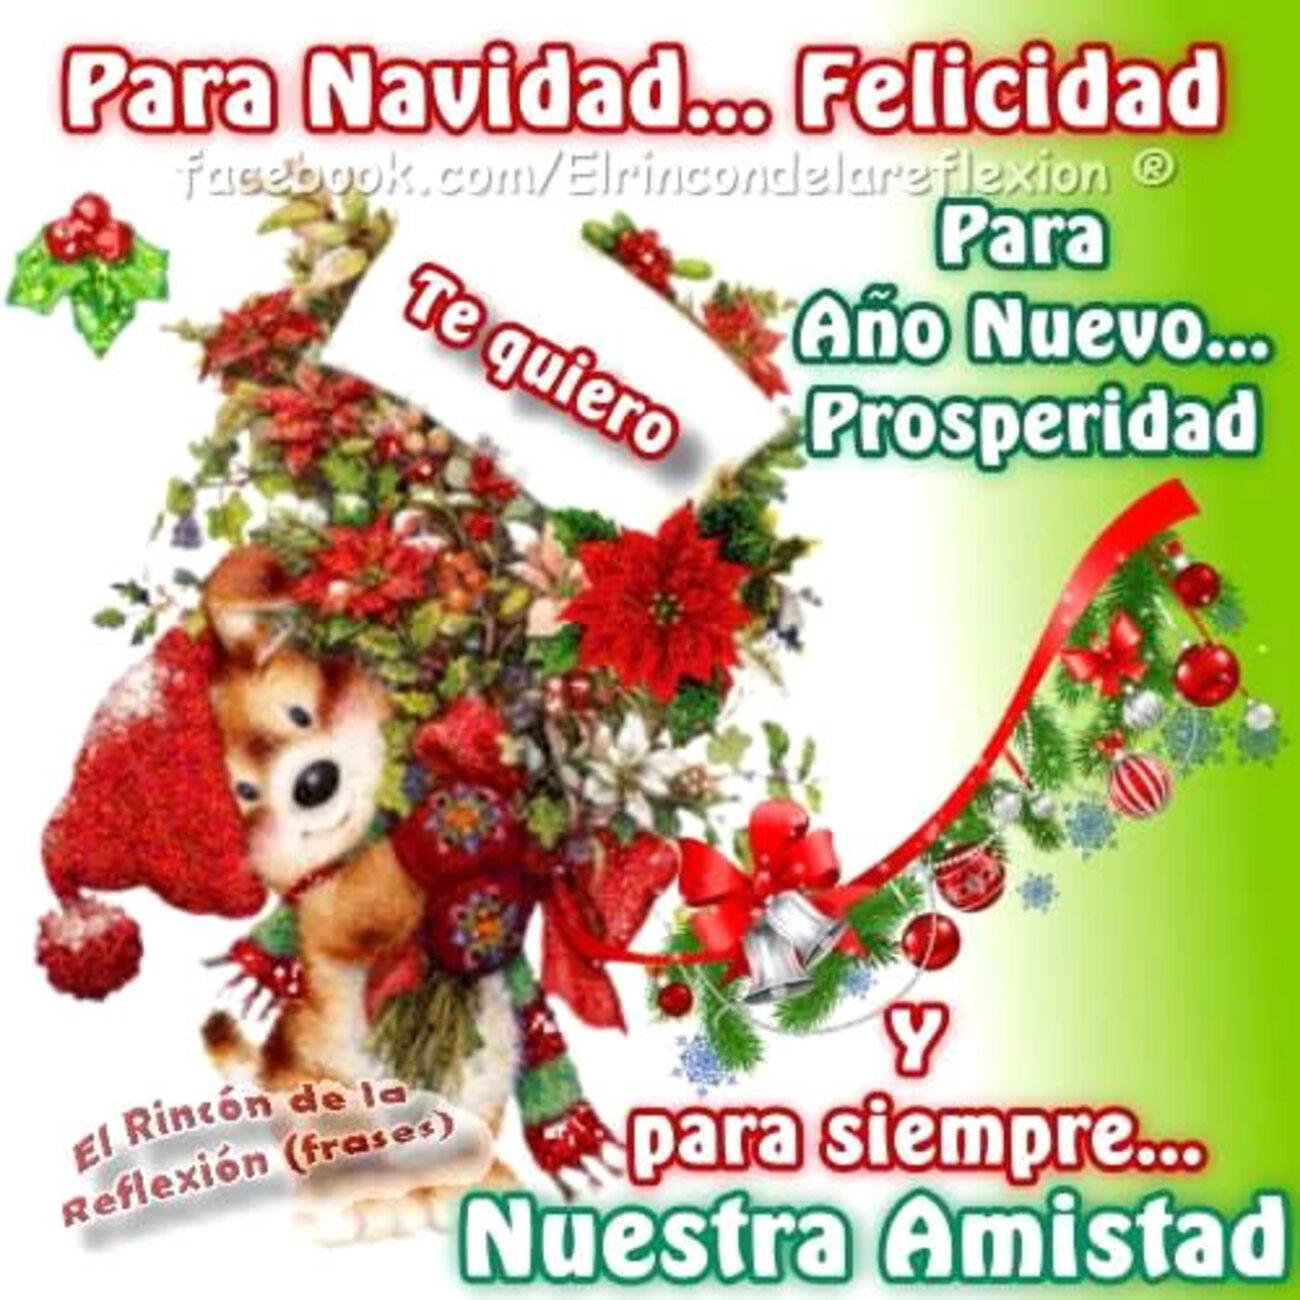 Para Navidad...Felicidad para año nuevo...prosperidad y para siempre nuestra amistad